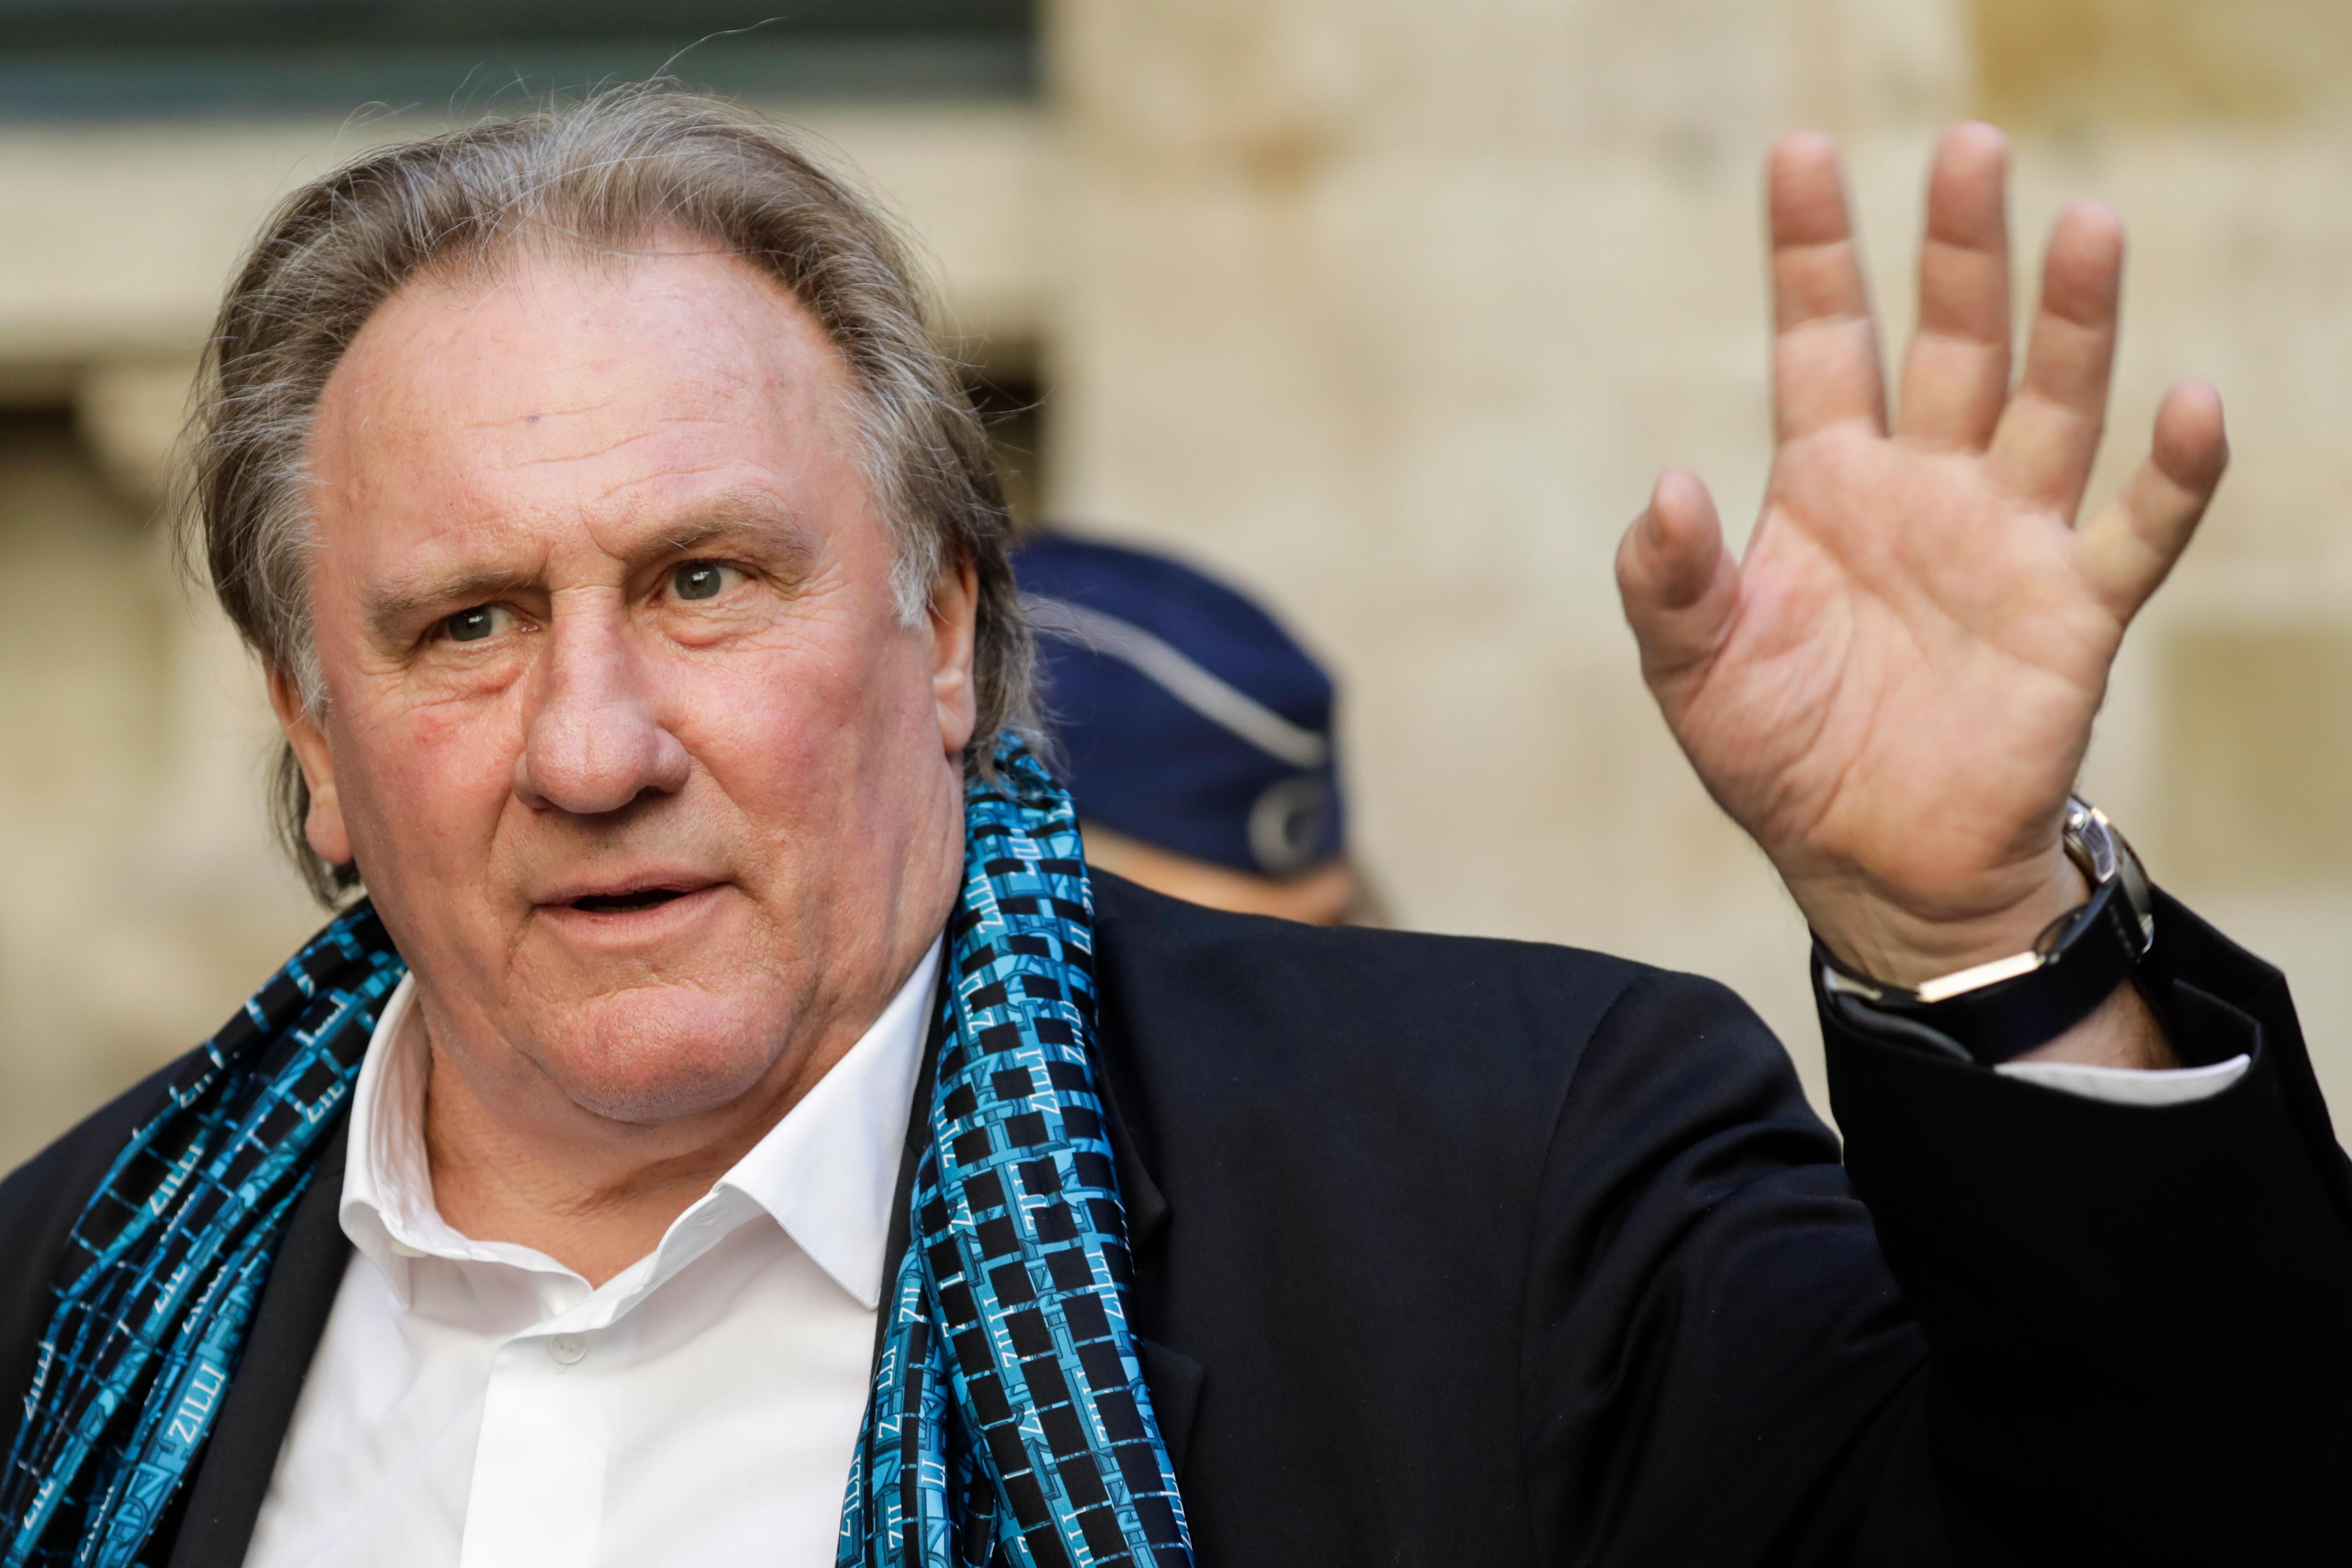 Российский бизнесмен жерар депардьё. как знаменитый актер ведет бизнес за пределами франции — секрет фирмы